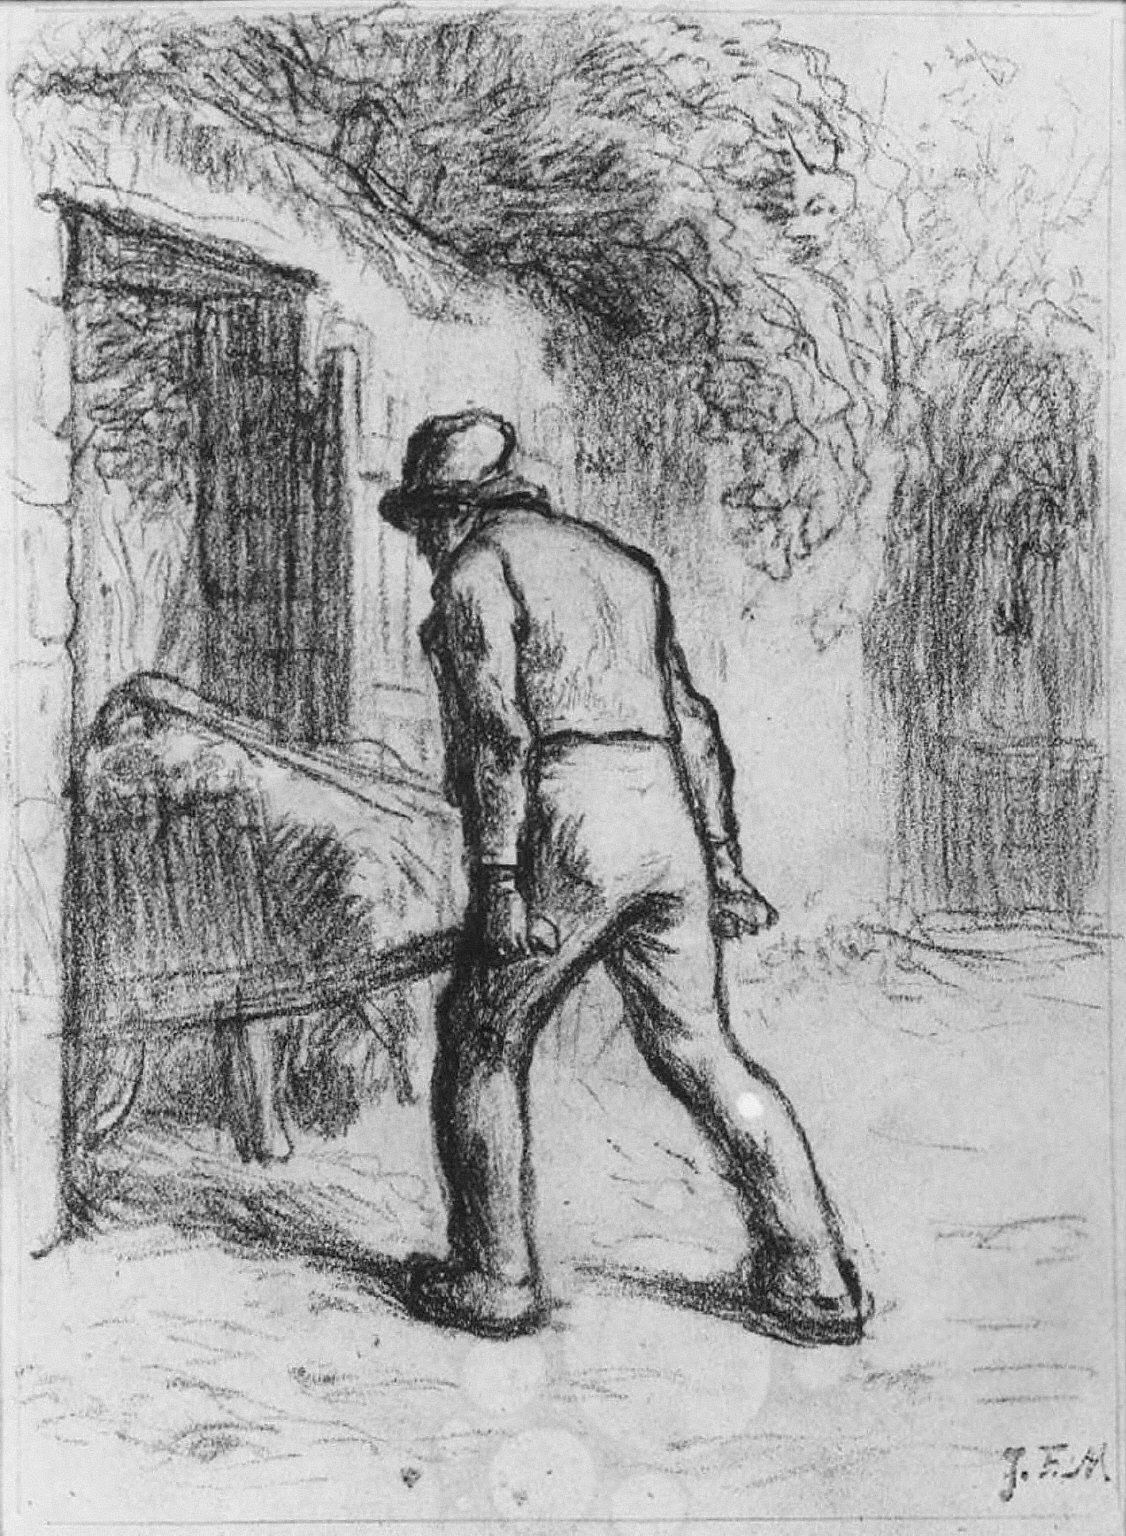 Study for Man with a Wheelbarrow